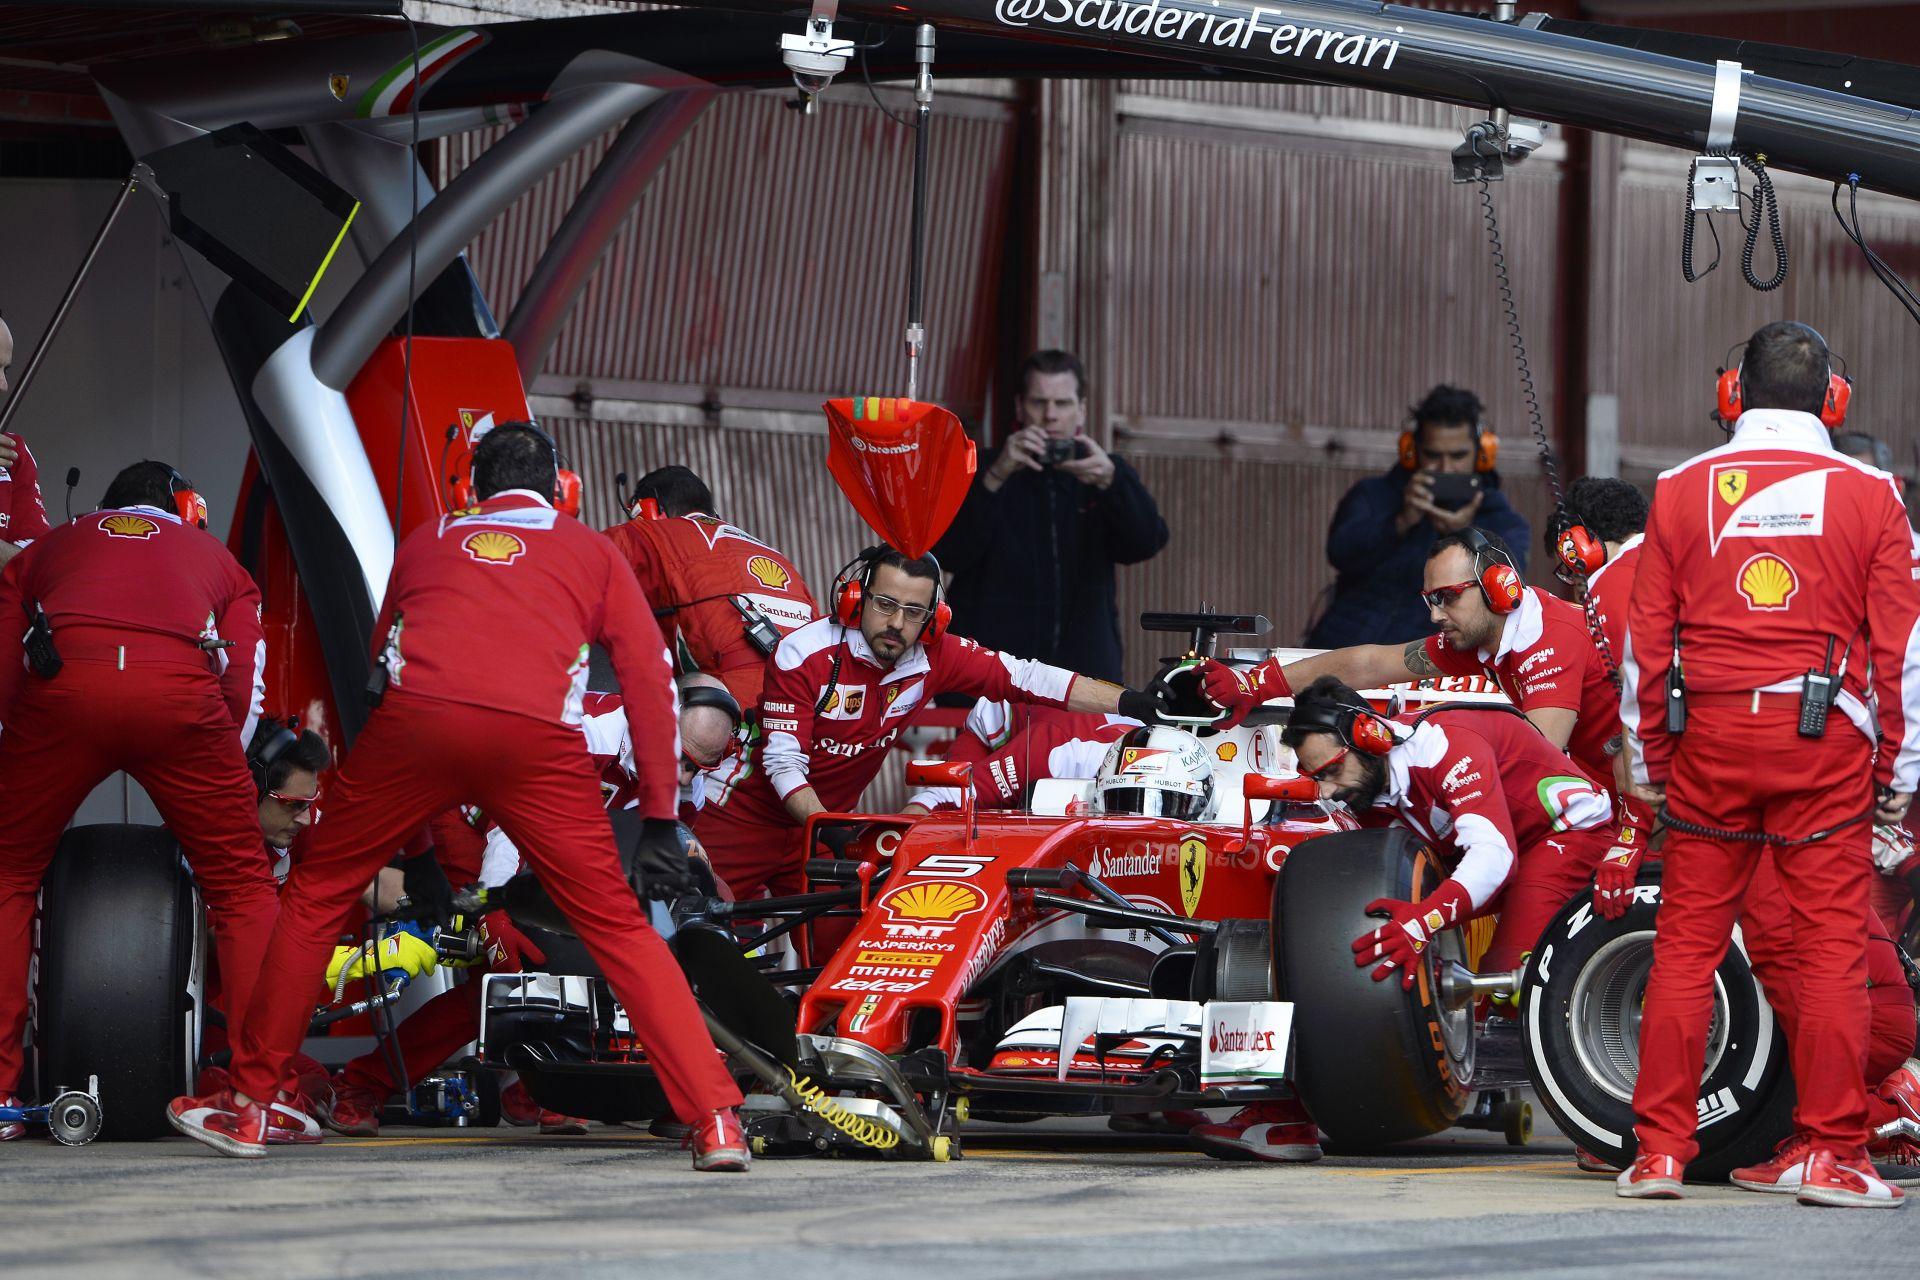 Kerékcsere a Ferrarinál versenyszimuláció közben: ez már komoly!